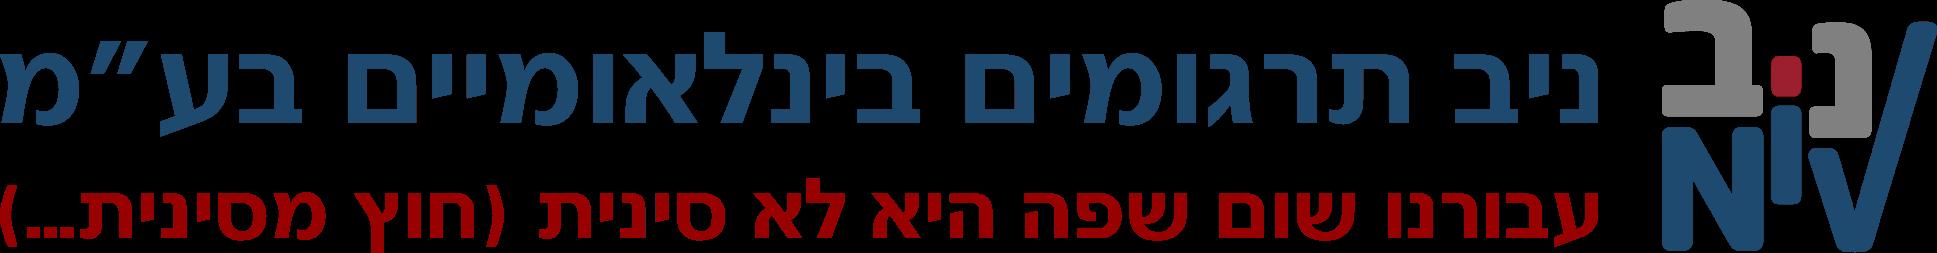 """ניב תרגומים בינלאומיים בע""""מ"""